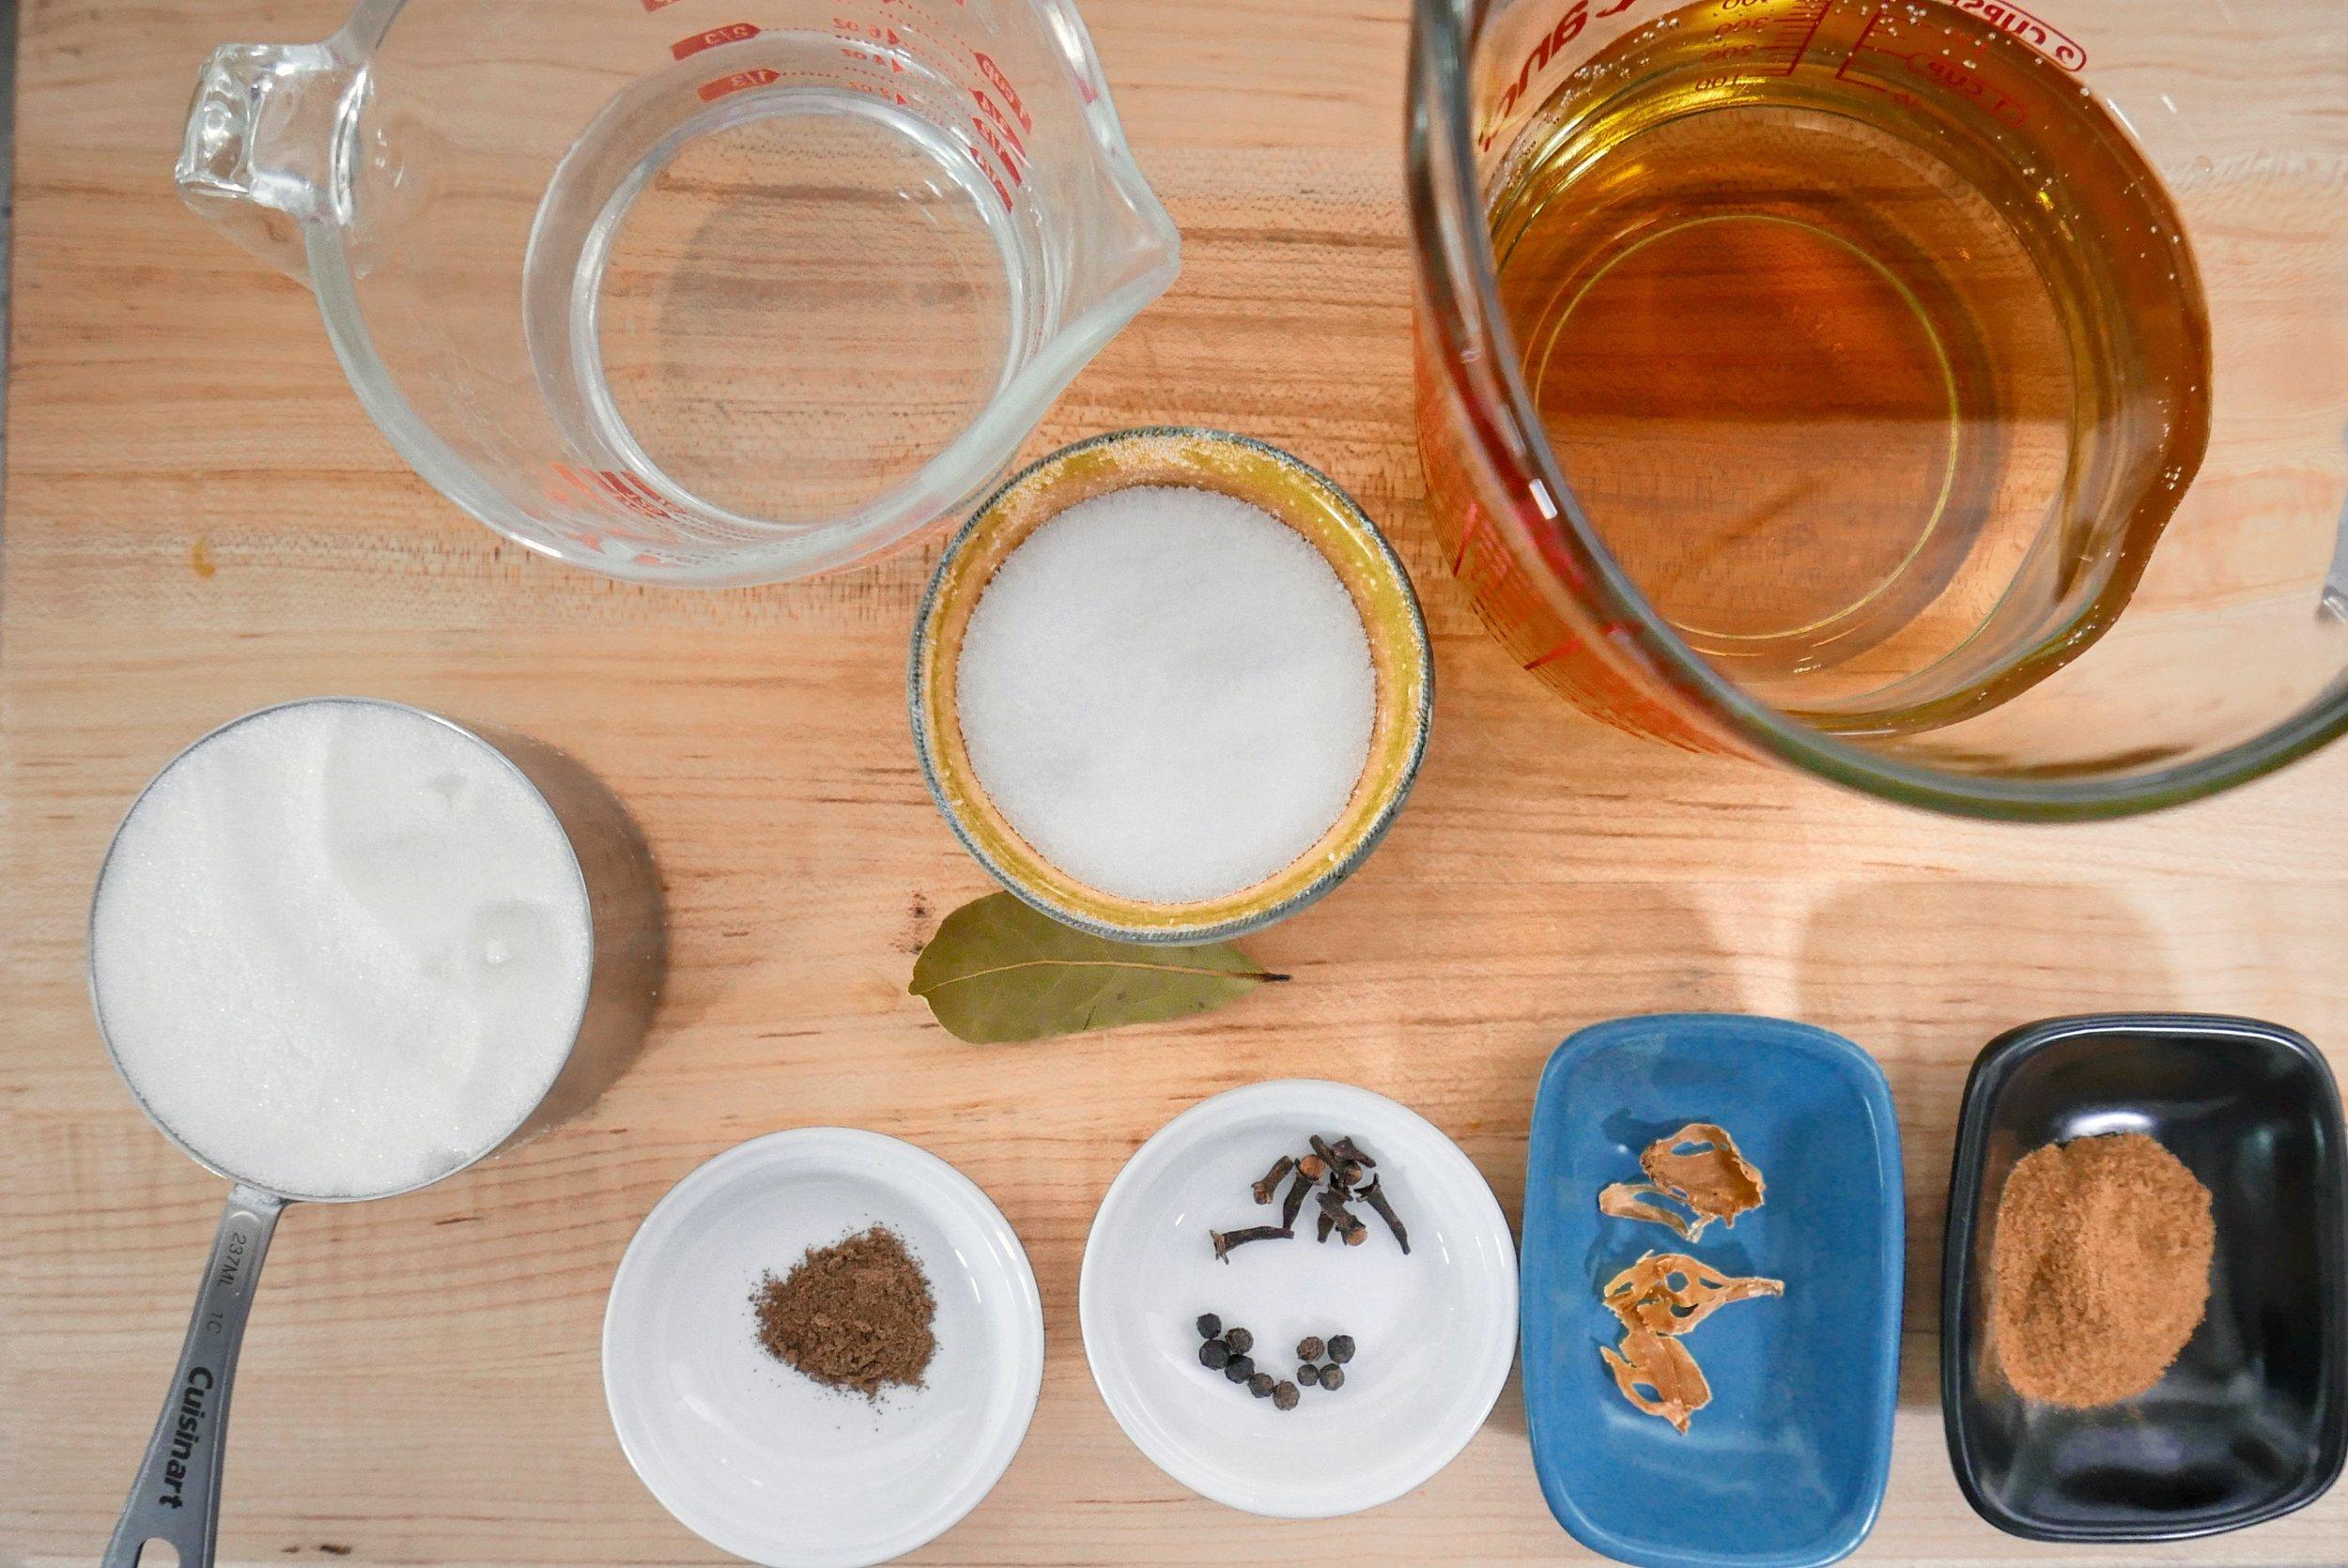 pickling ingredients.jpg